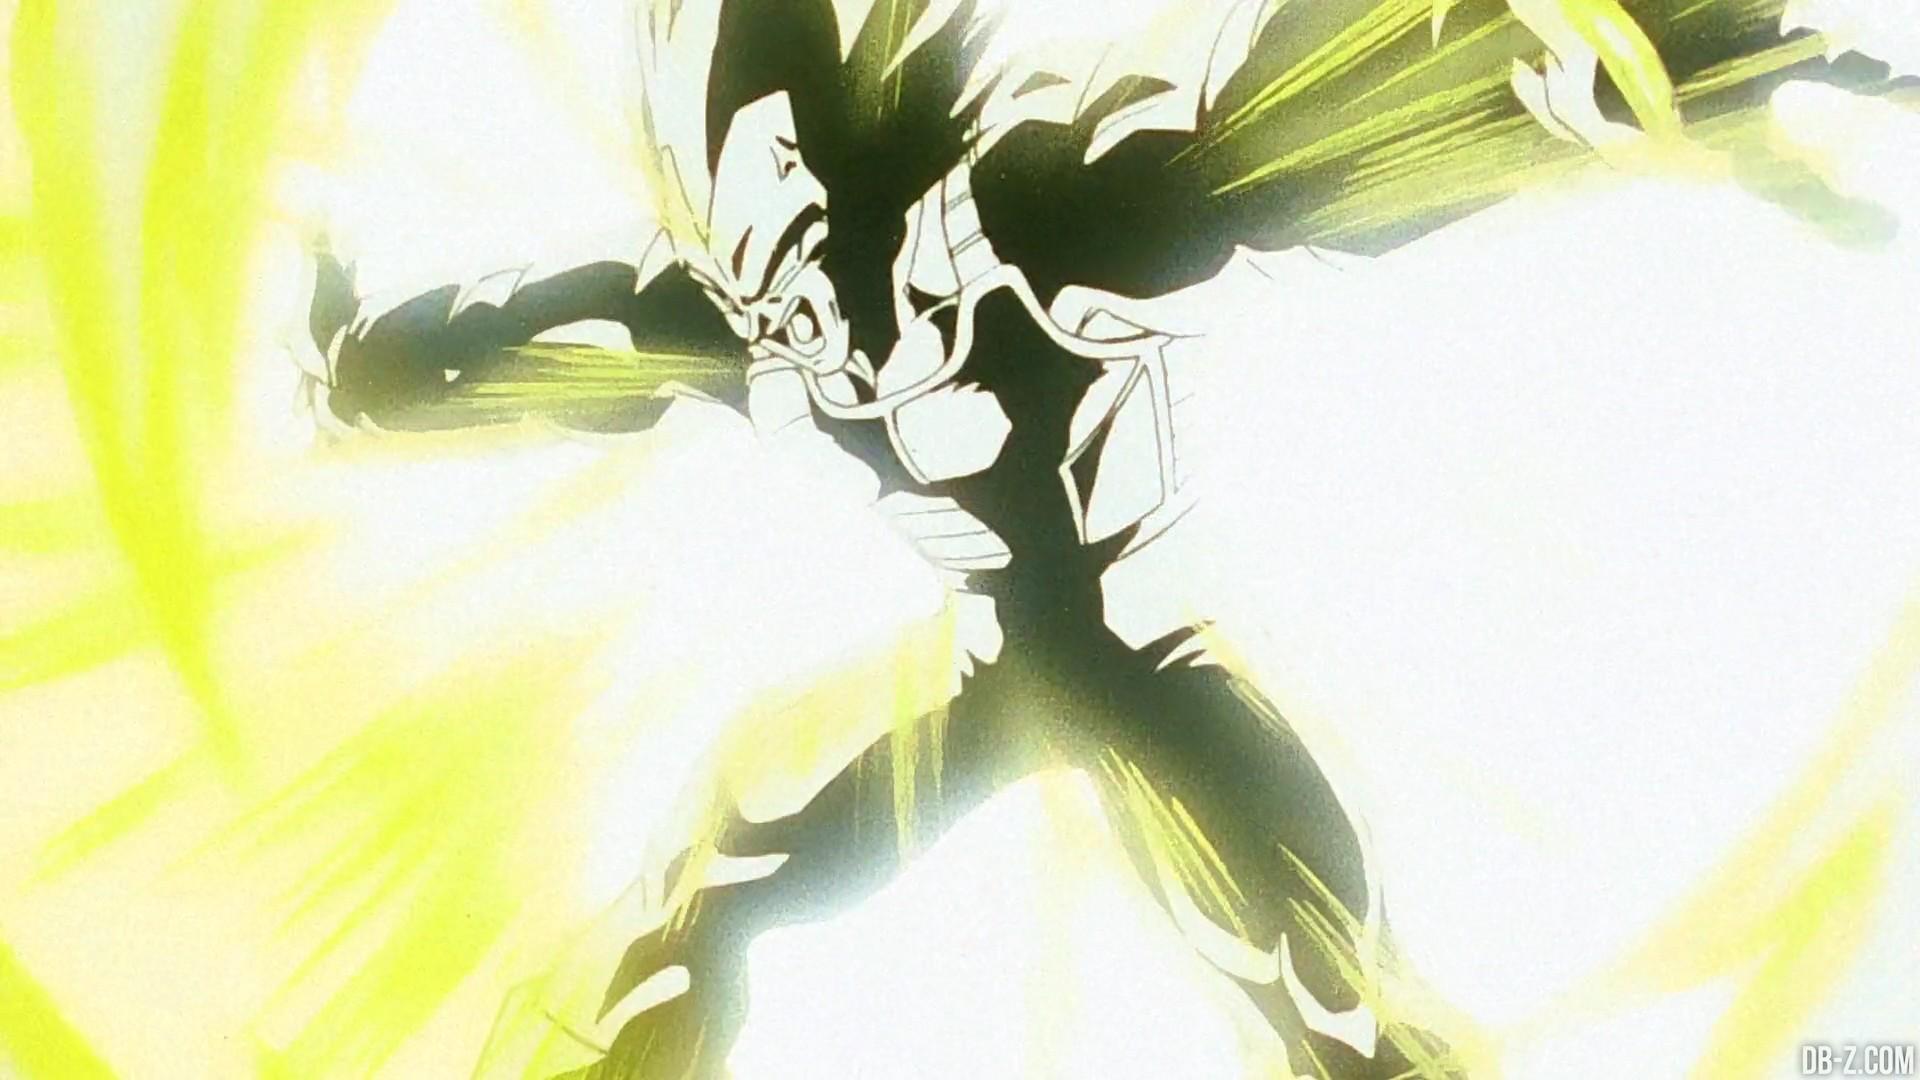 Dragon Ball Z Super Vegeta Final Flash